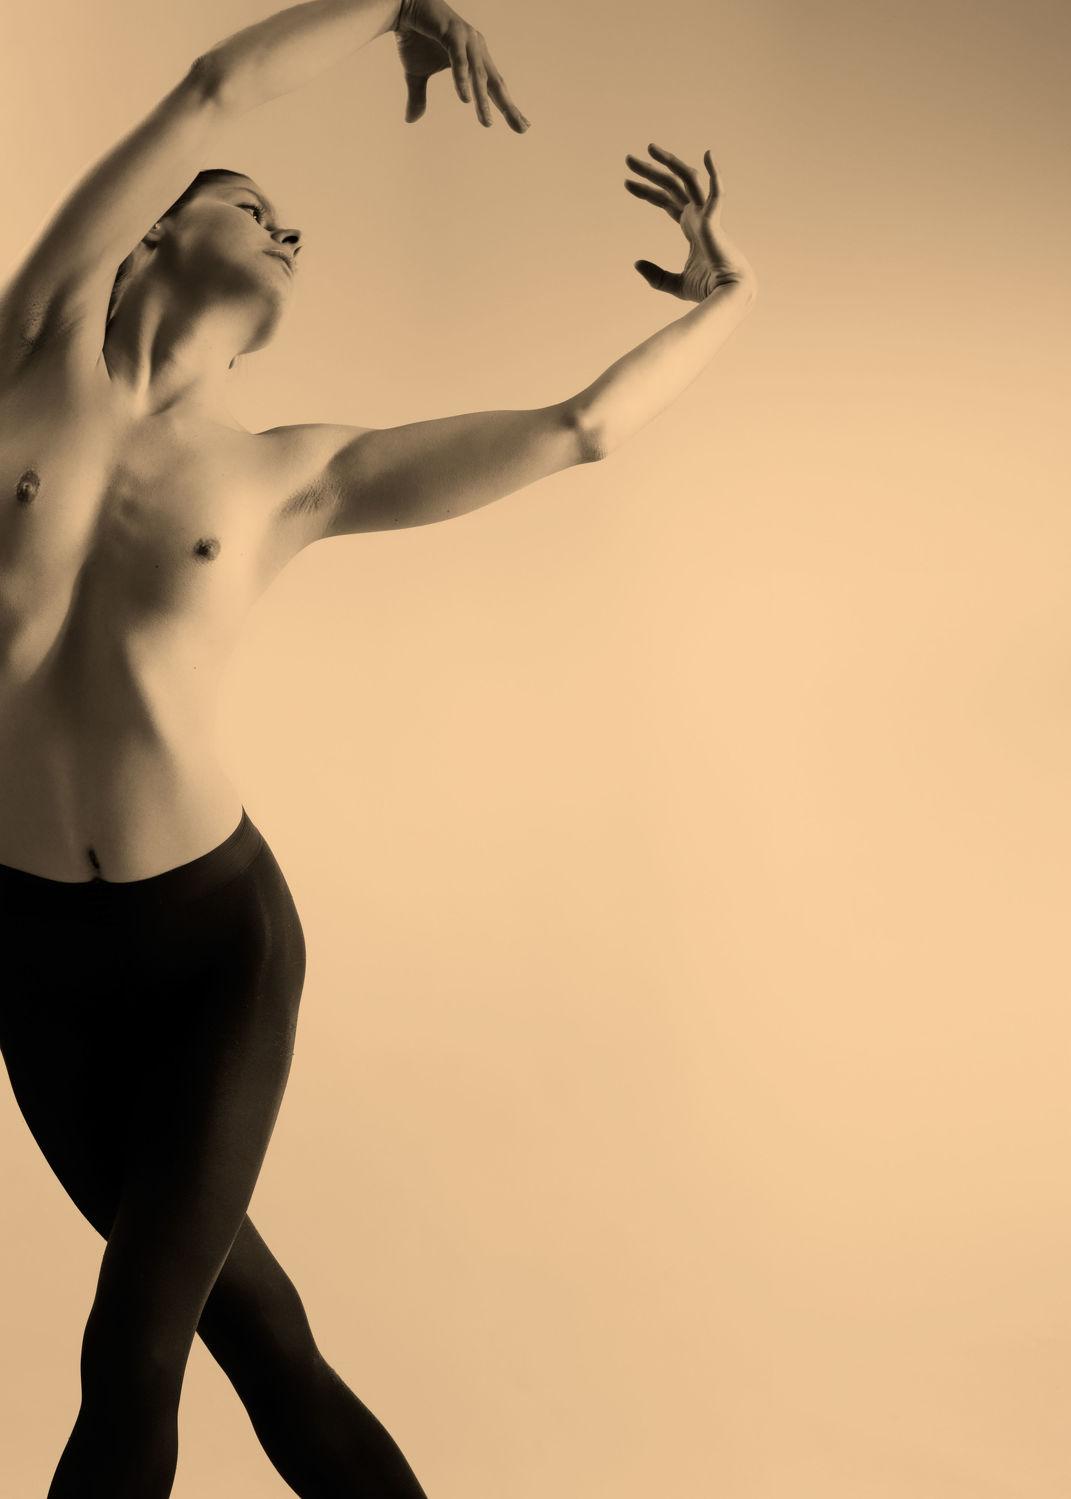 Bild mit Tänzerin